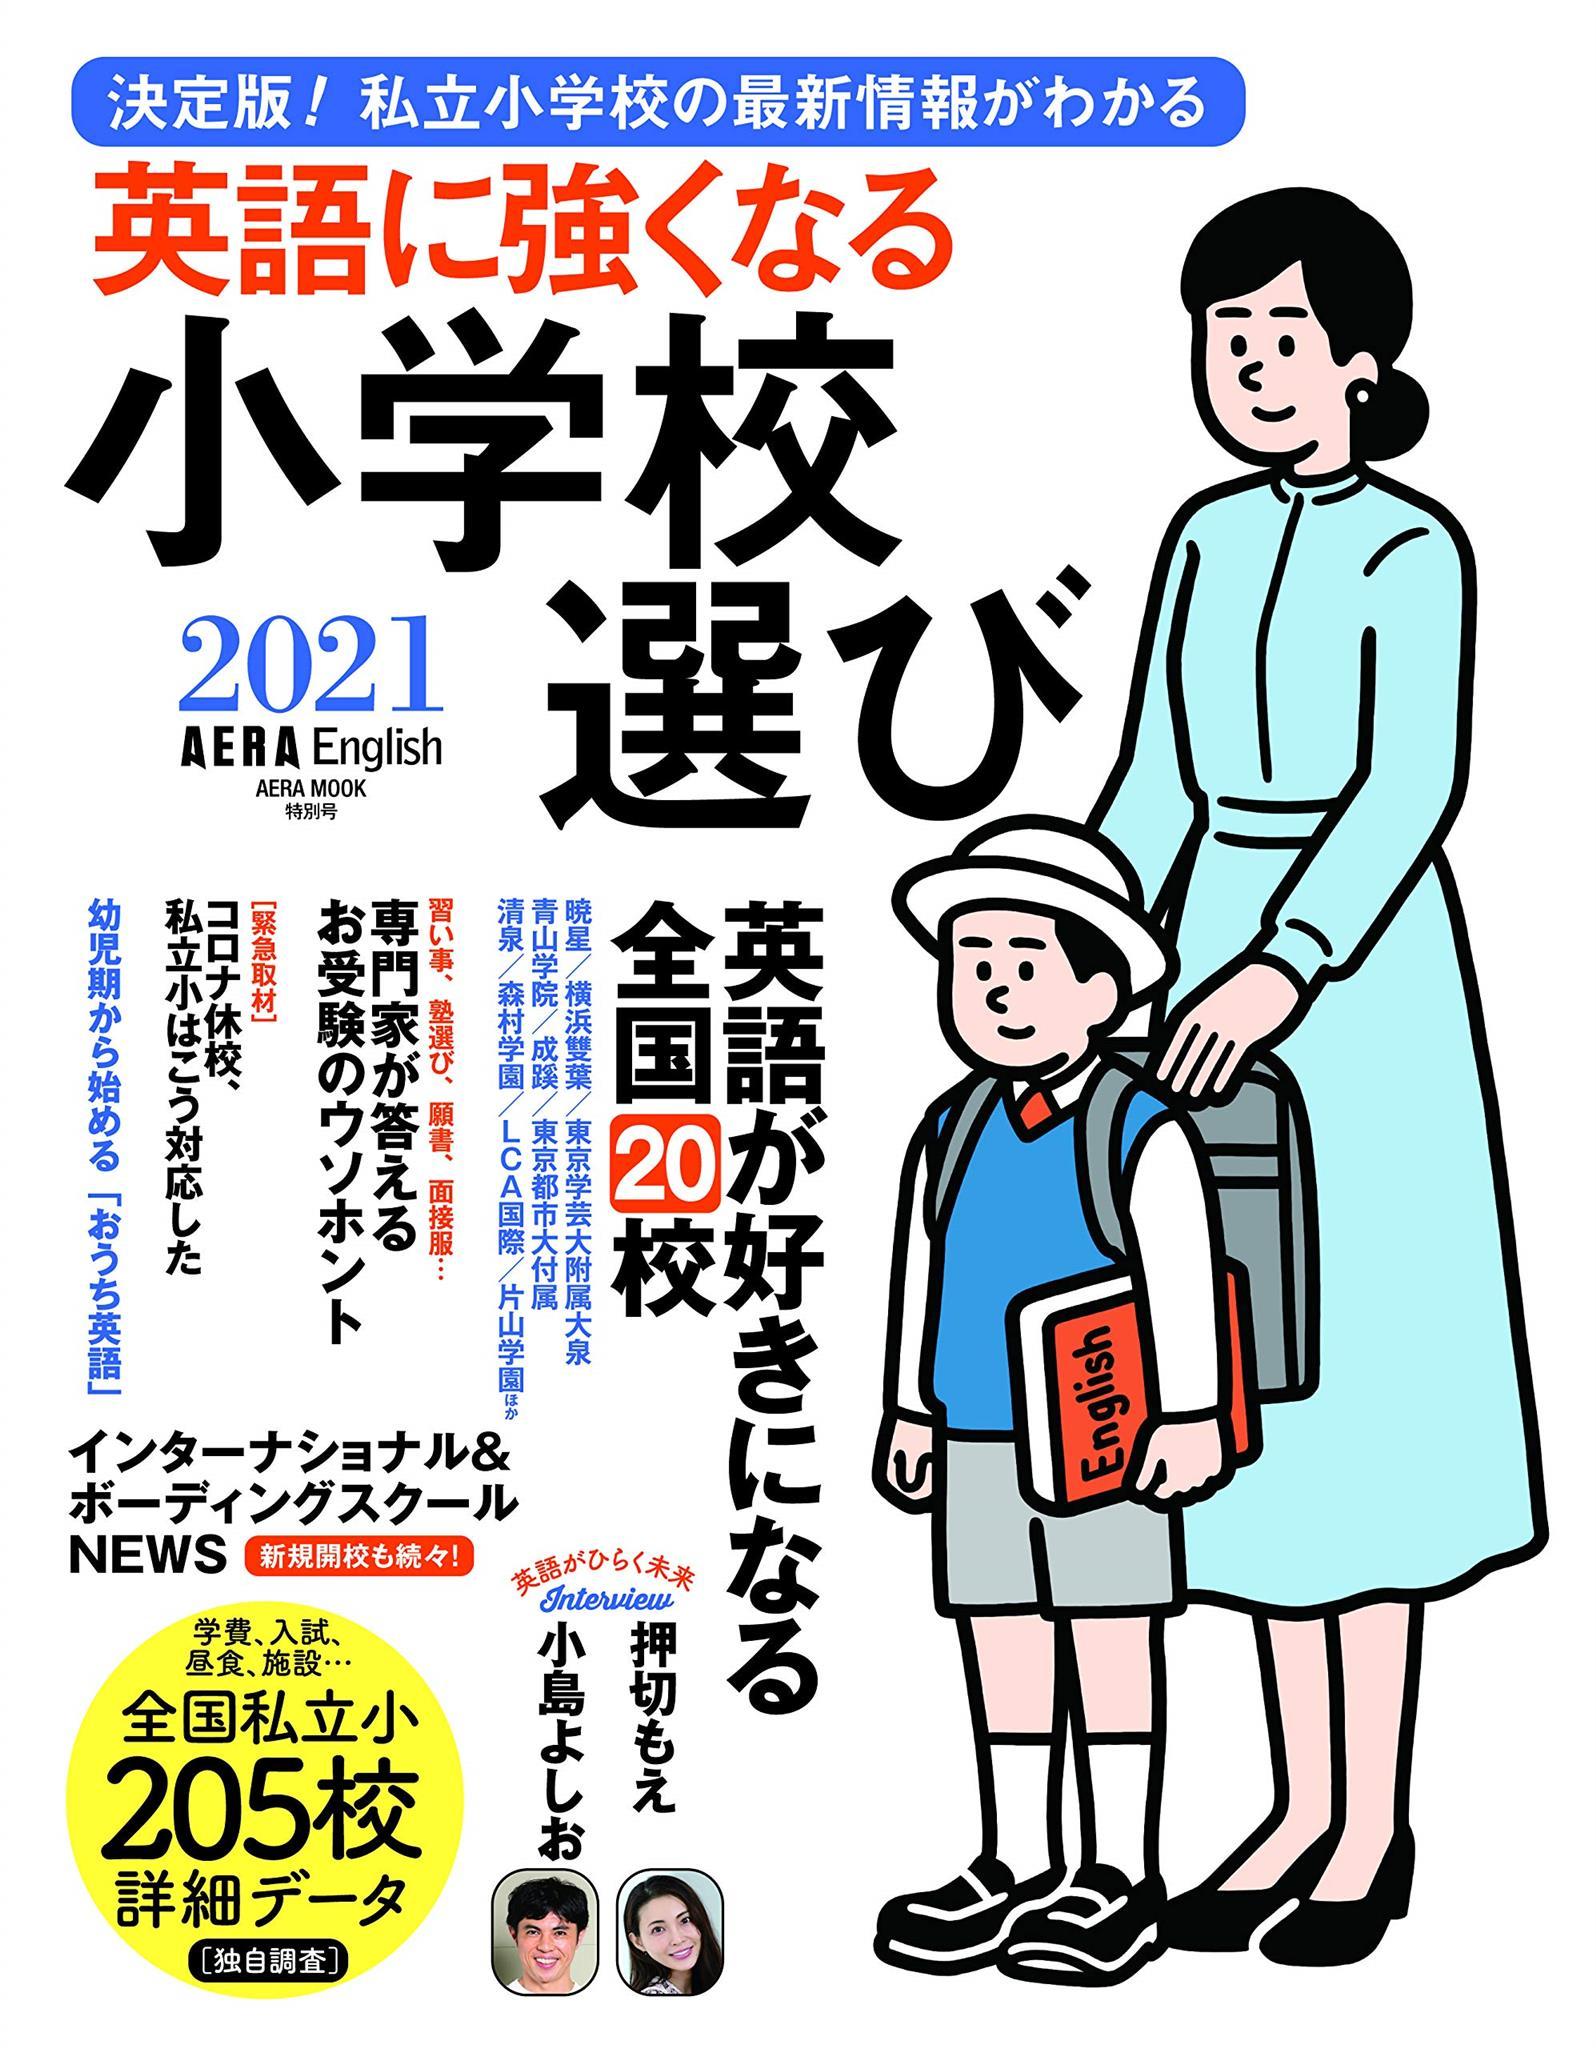 AERA English特別号に弊塾代表 斉藤淳のインタビューが掲載されました